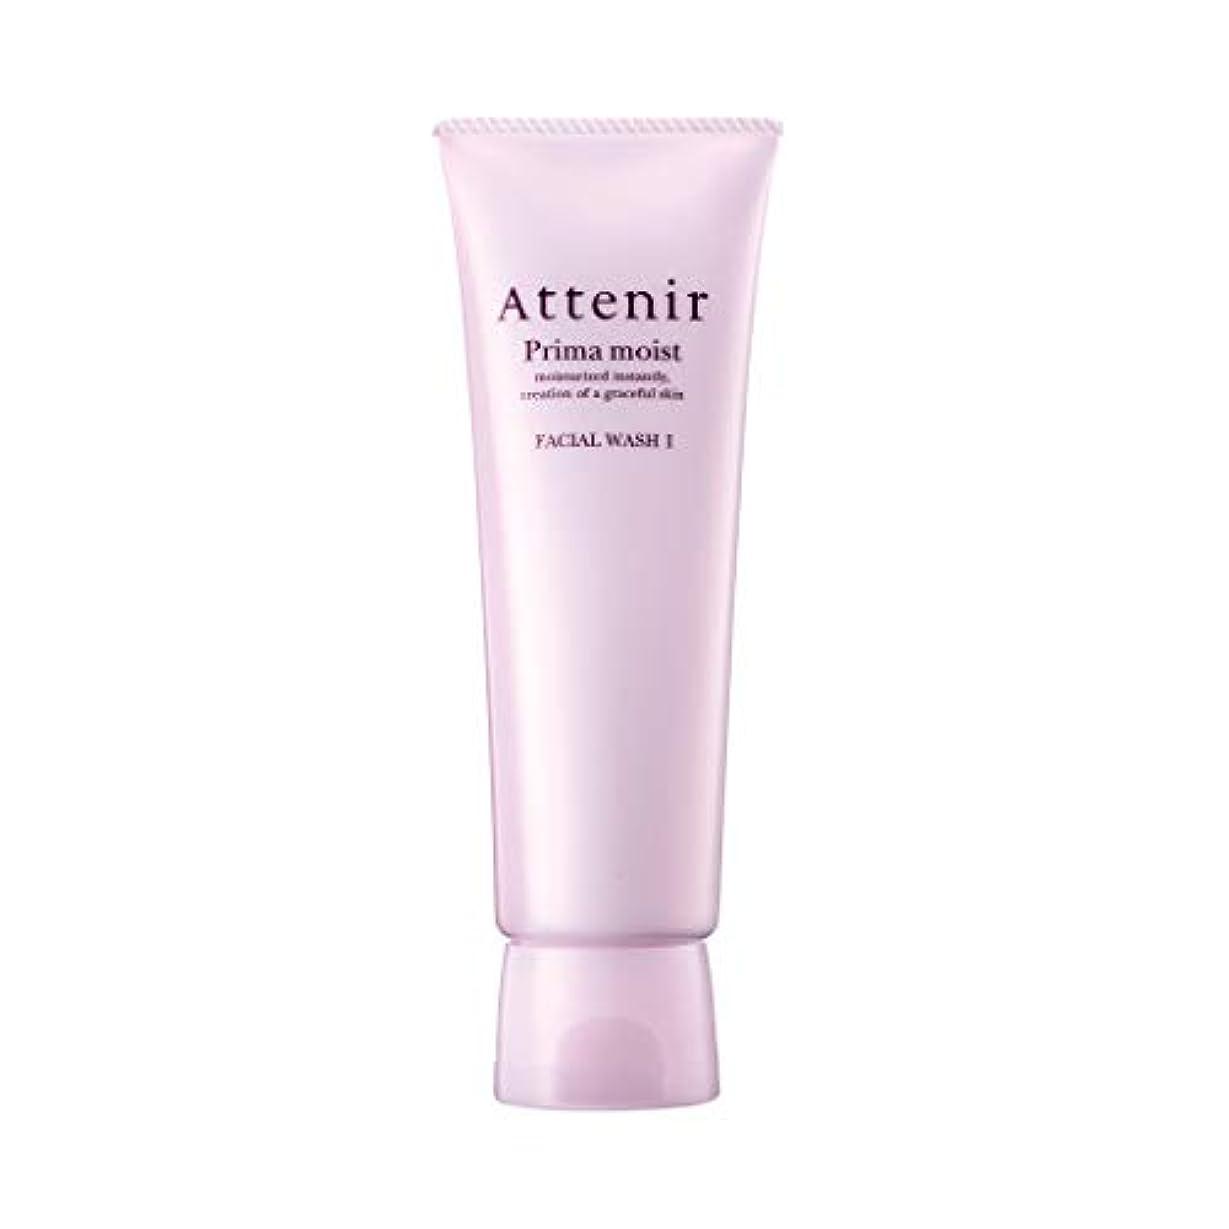 一貫した注入れんがアテニア プリマモイスト フェイシャルウォッシュⅠ 洗顔料 アロマ さっぱりタイプ 120g 洗顔フォーム